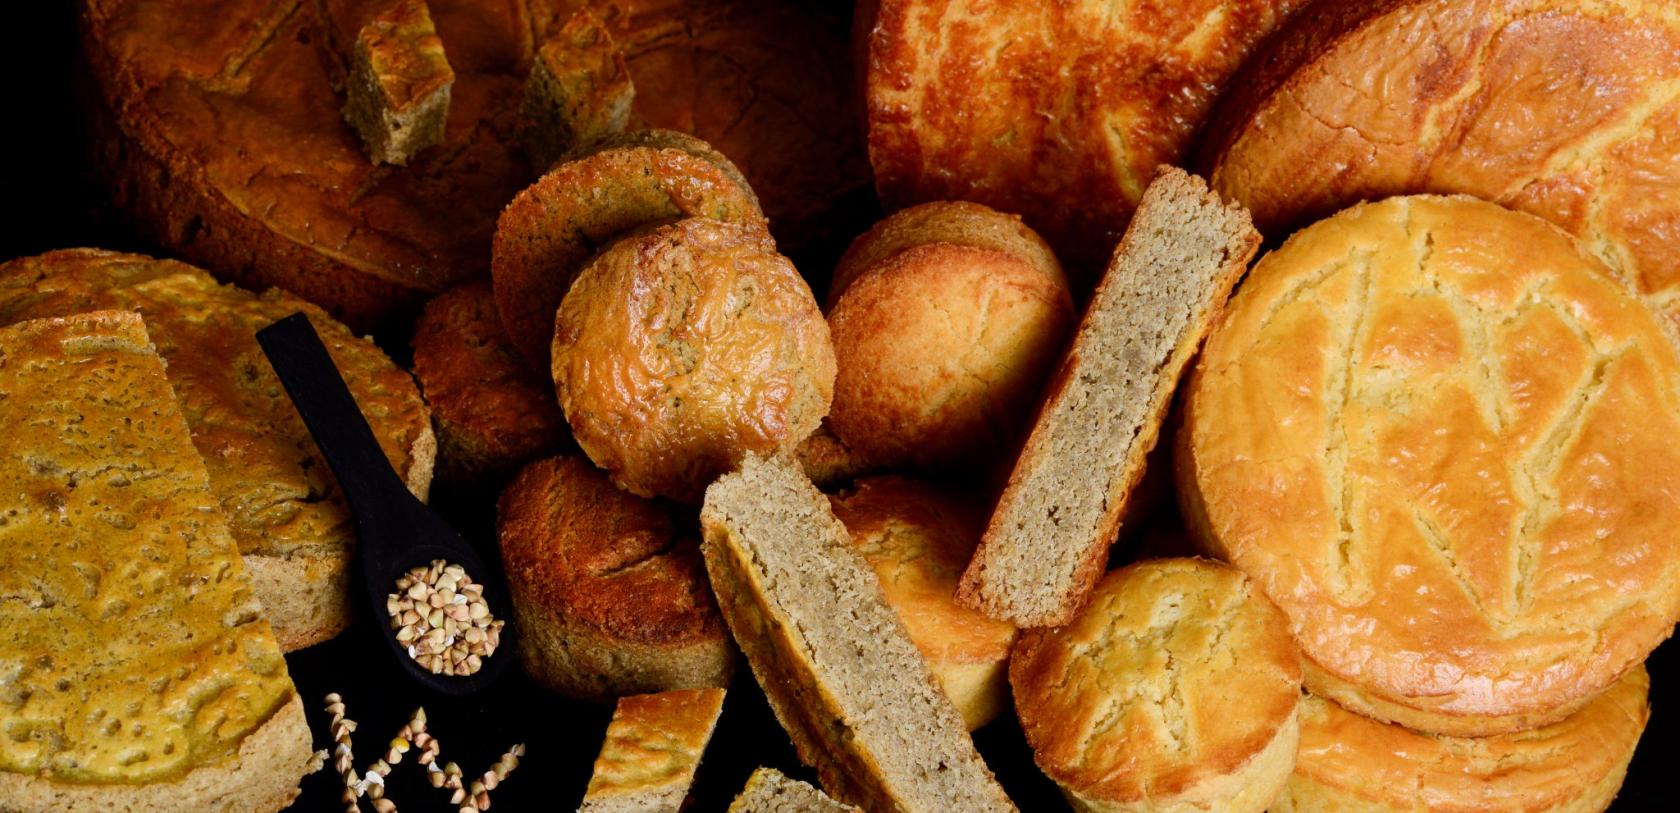 Gâteaux bretons au blé noir